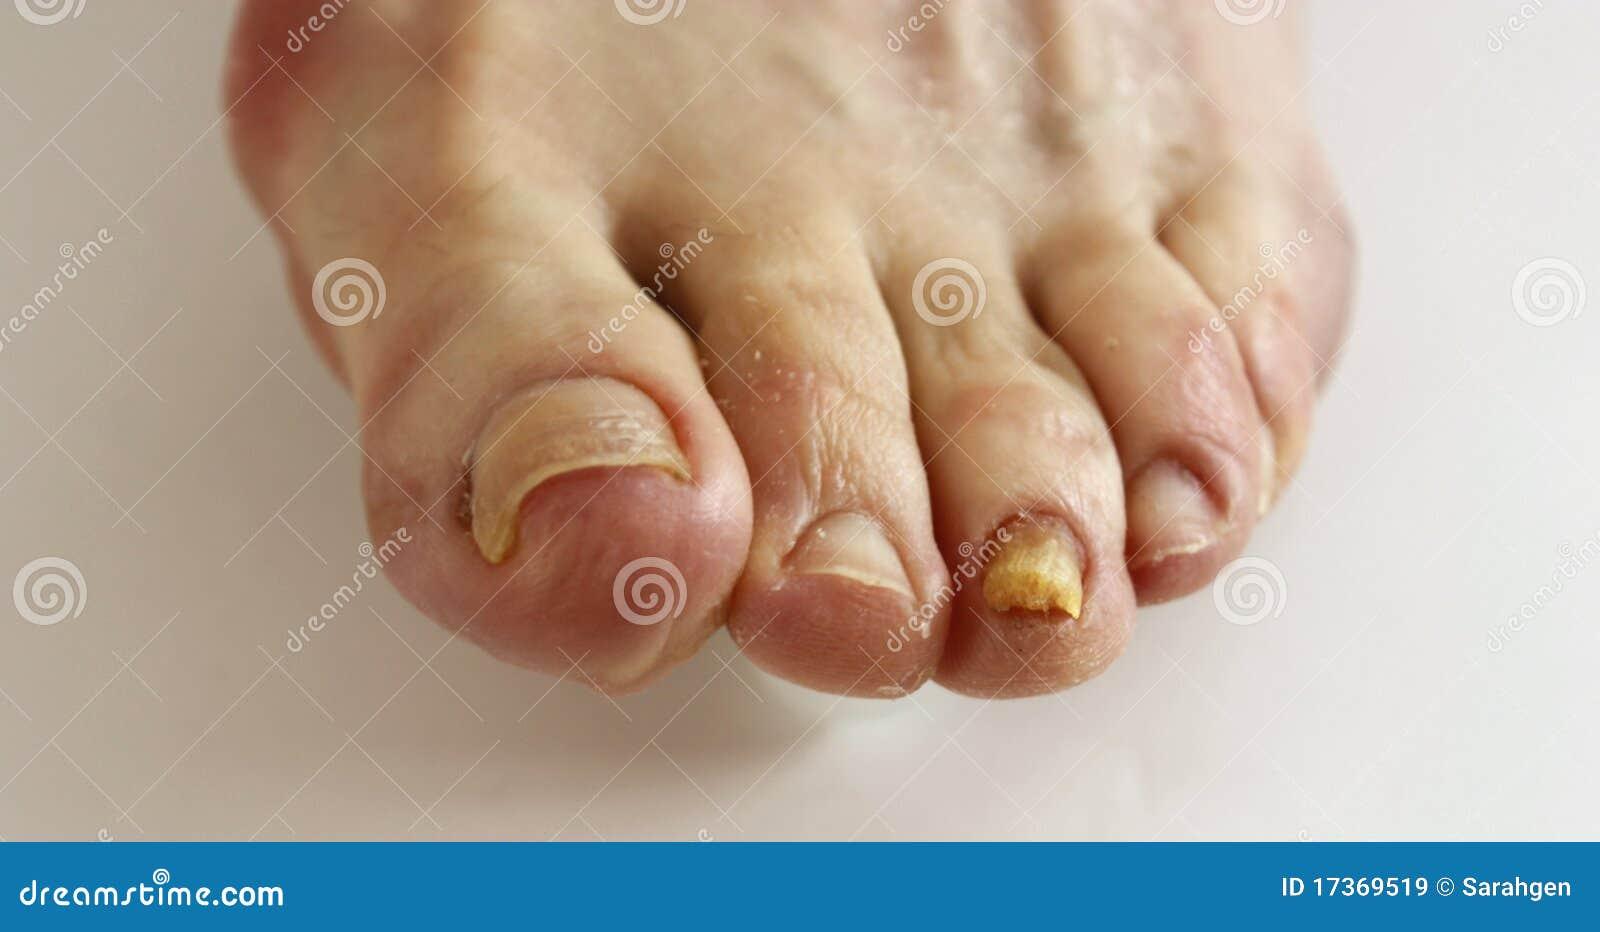 Mezzi per trattamento di un fungo di unghie che sopportano il prezzo